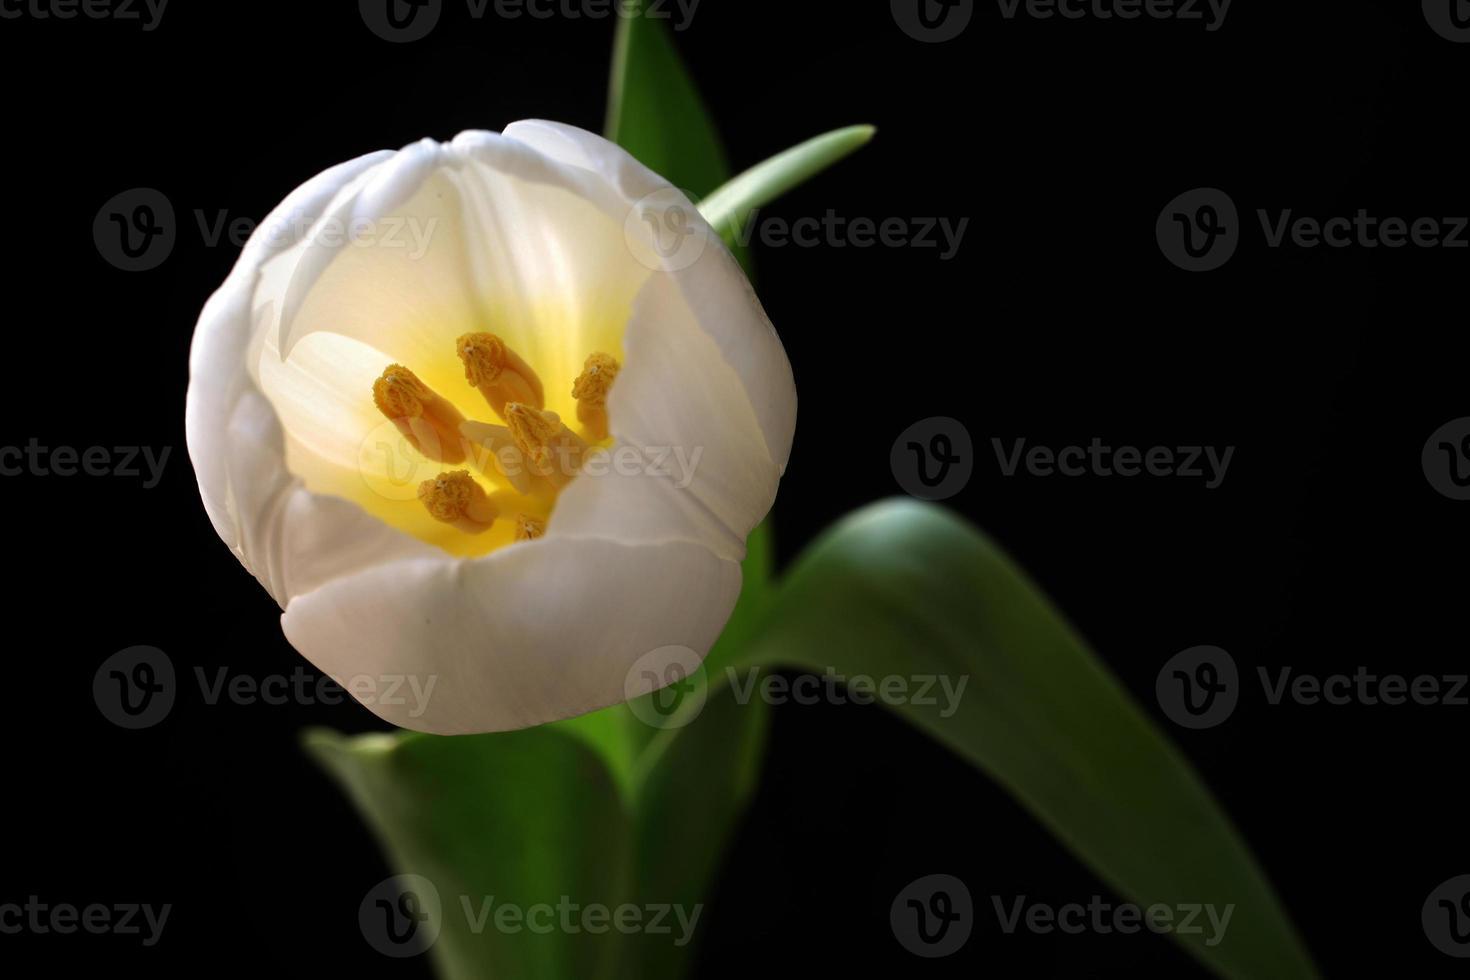 vit tulpan uppifrån foto